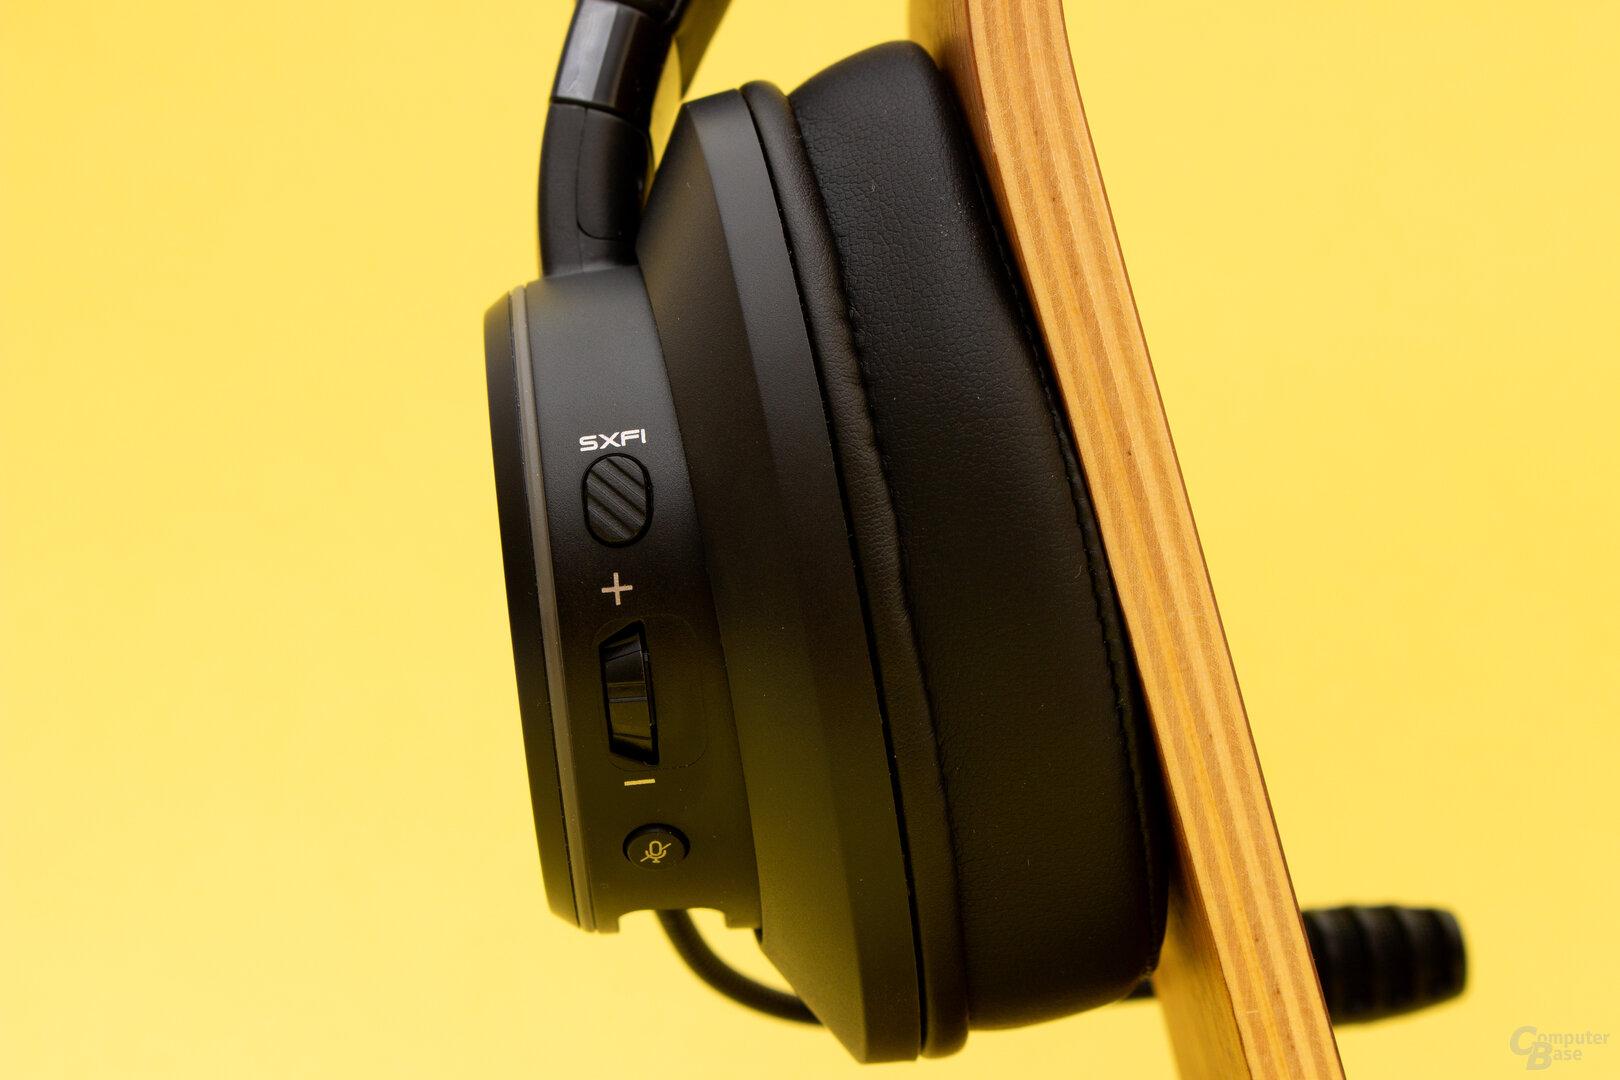 Das SXFI Gamer bietet alle nötigen Bedienelemente am Headset